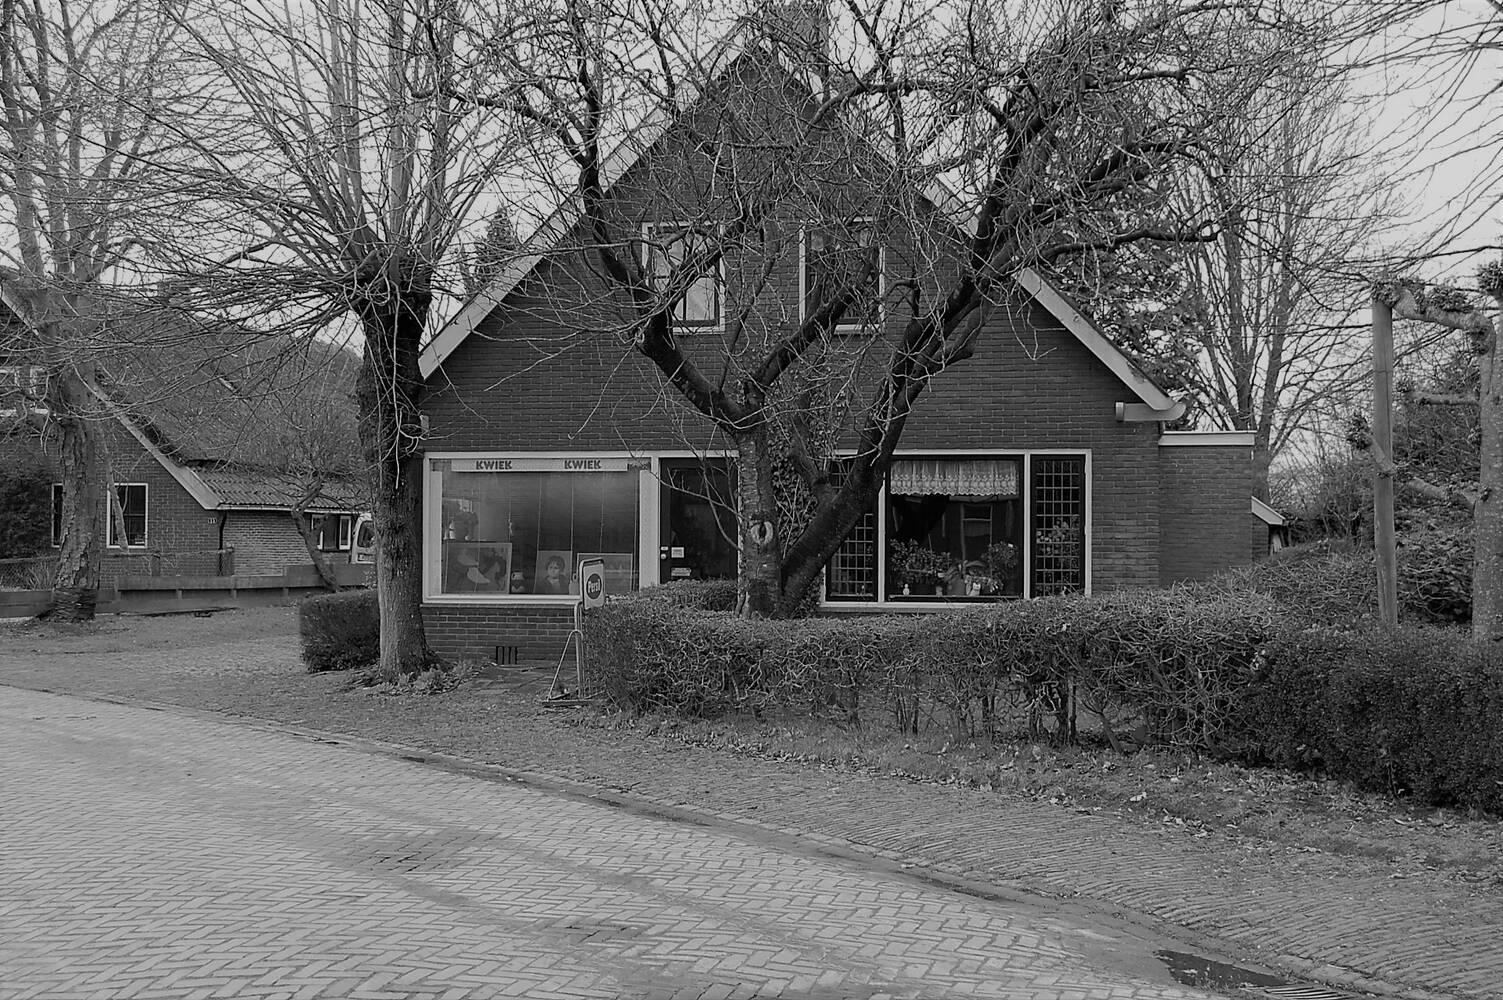 Dwingels Eigen redt winkelinterieur bakkerij Warnders